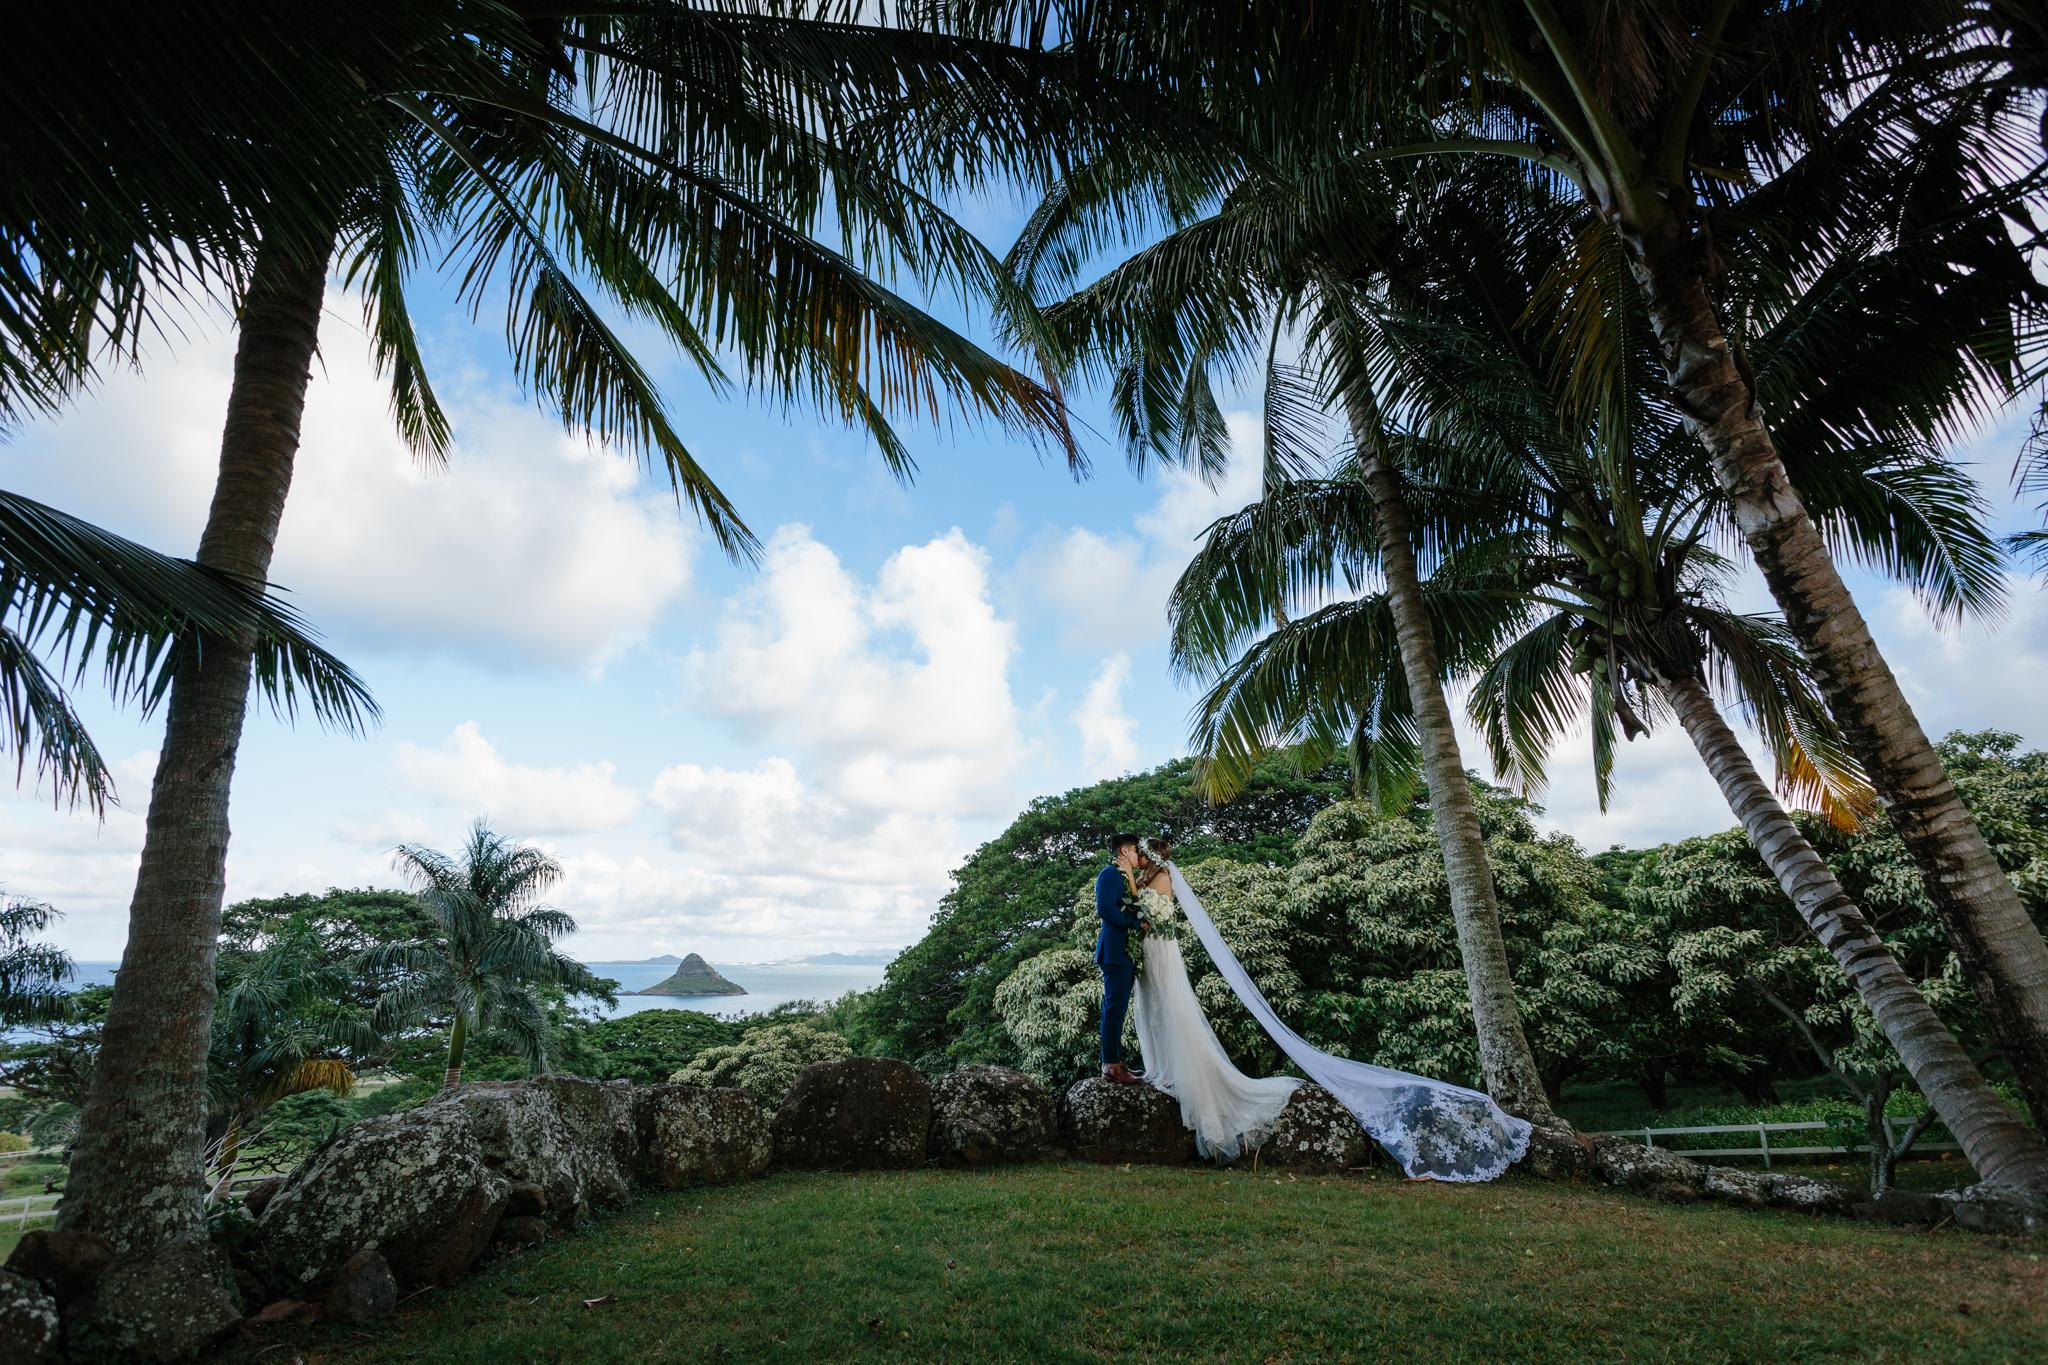 kualoa_ranch_wedding_photography_tone_hawaii-72.jpg